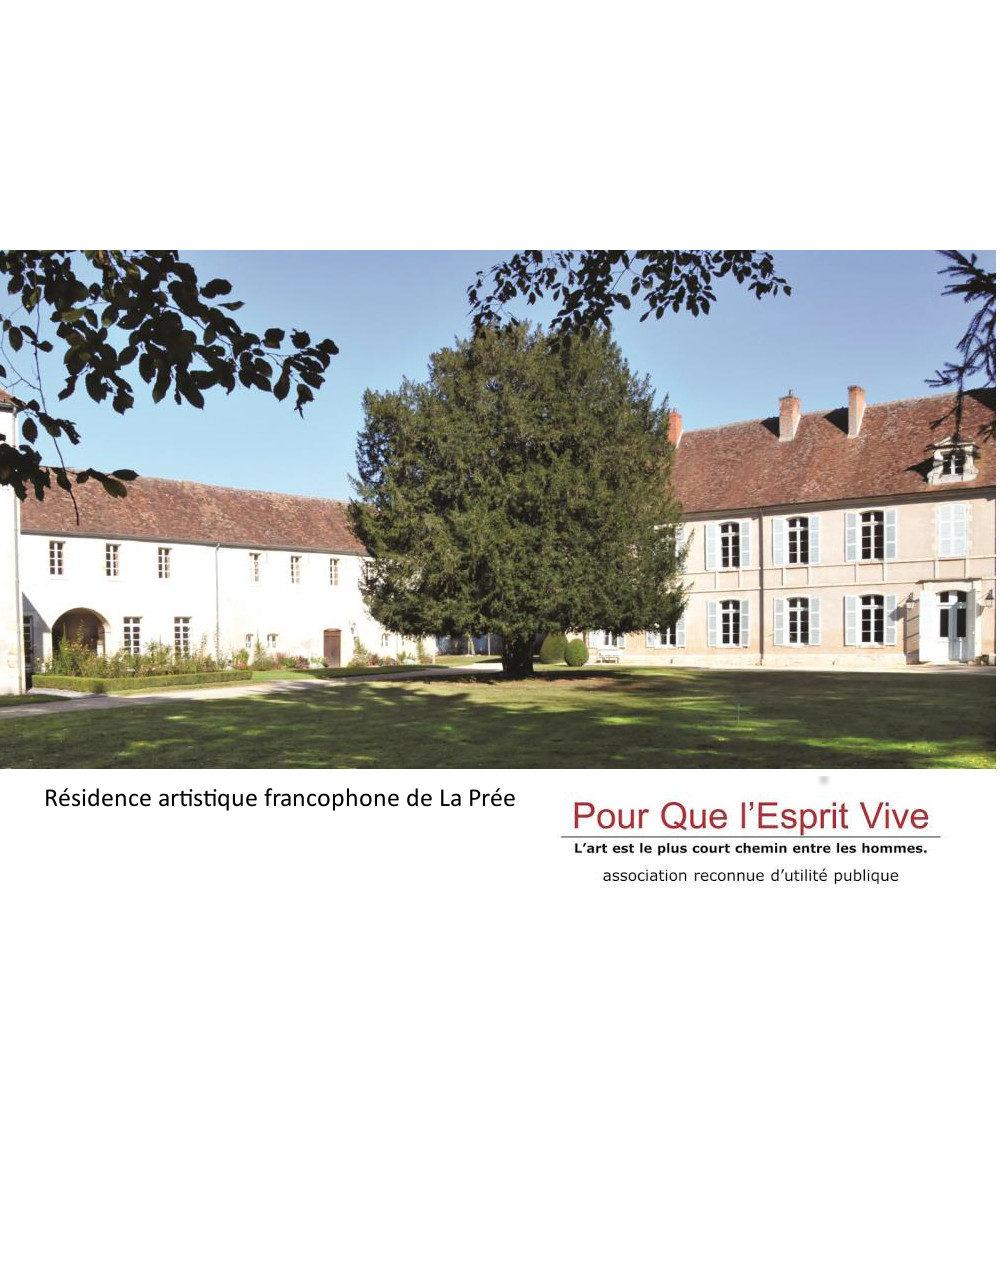 2018 – 2019 Résidence artistique francophone de La Prée